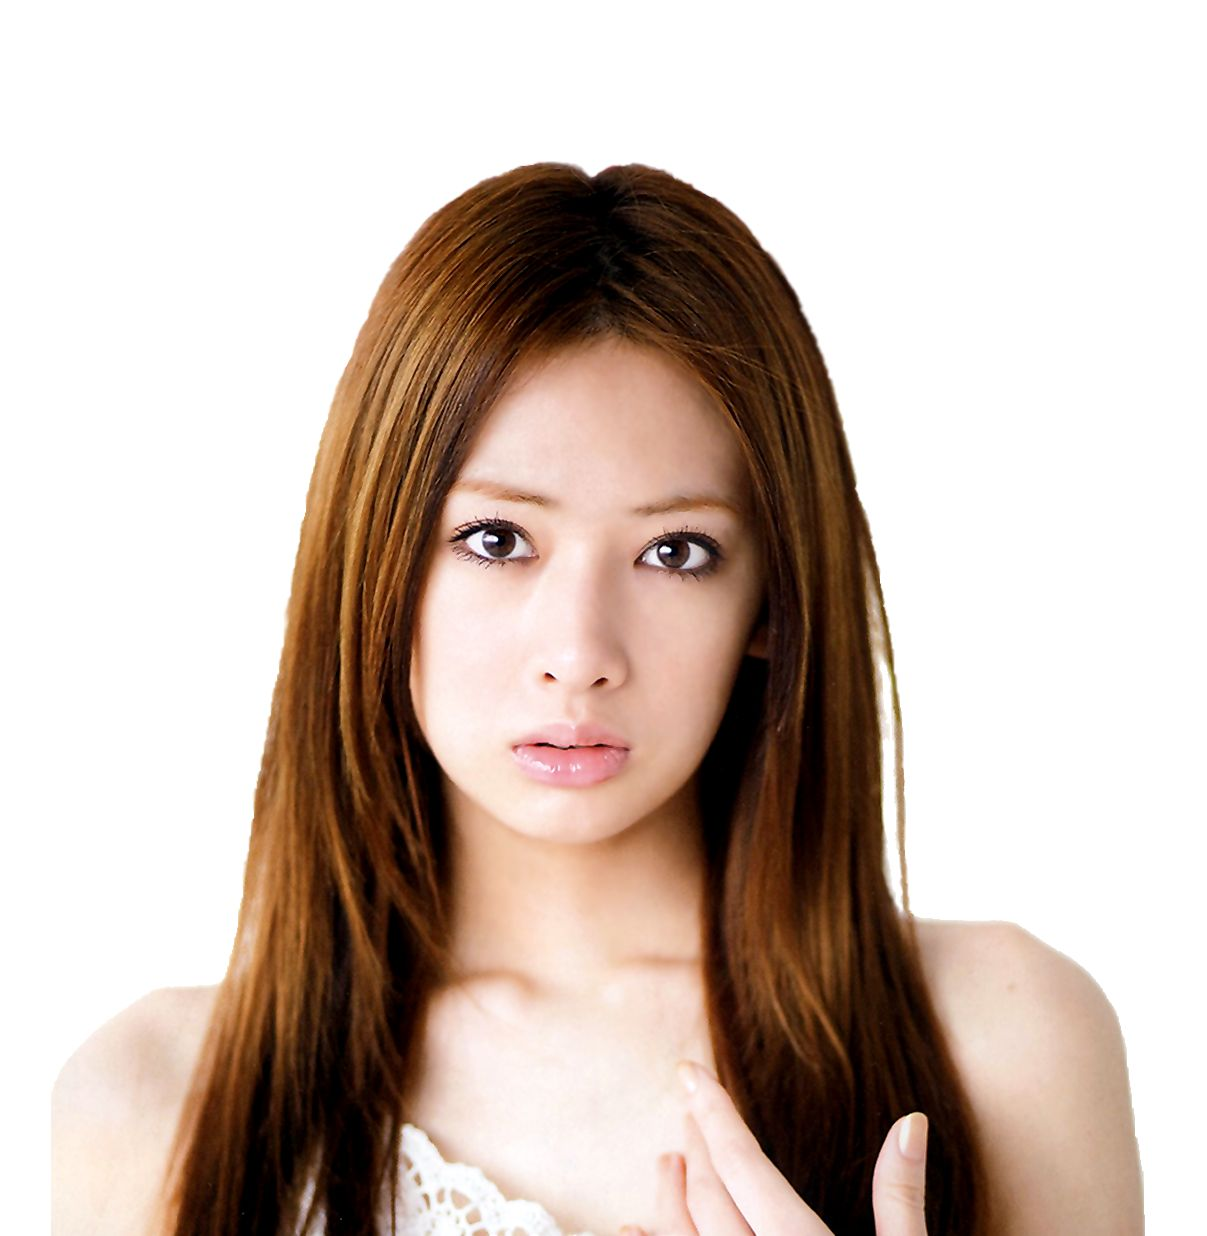 見ているだけでも吸い込まれそう☆美しい目をした北川景子さん大特集のサムネイル画像